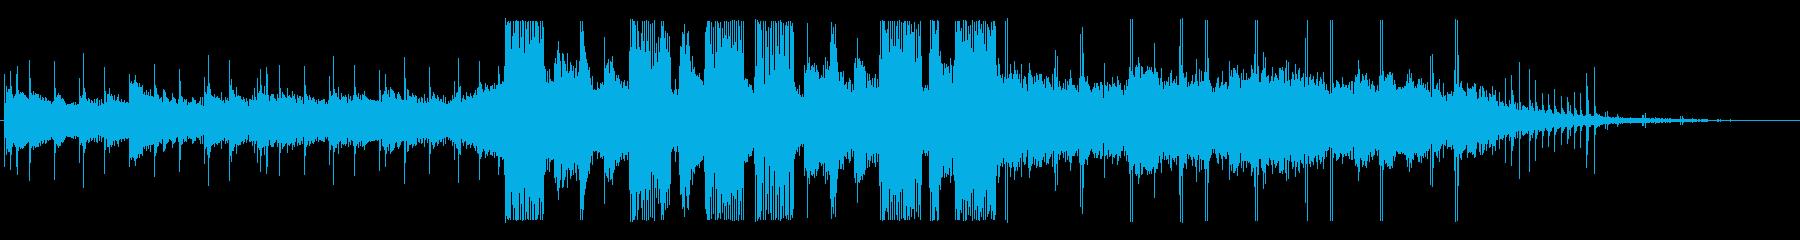 トロピカル 劇的な 怠け者 魅惑 ピアノの再生済みの波形